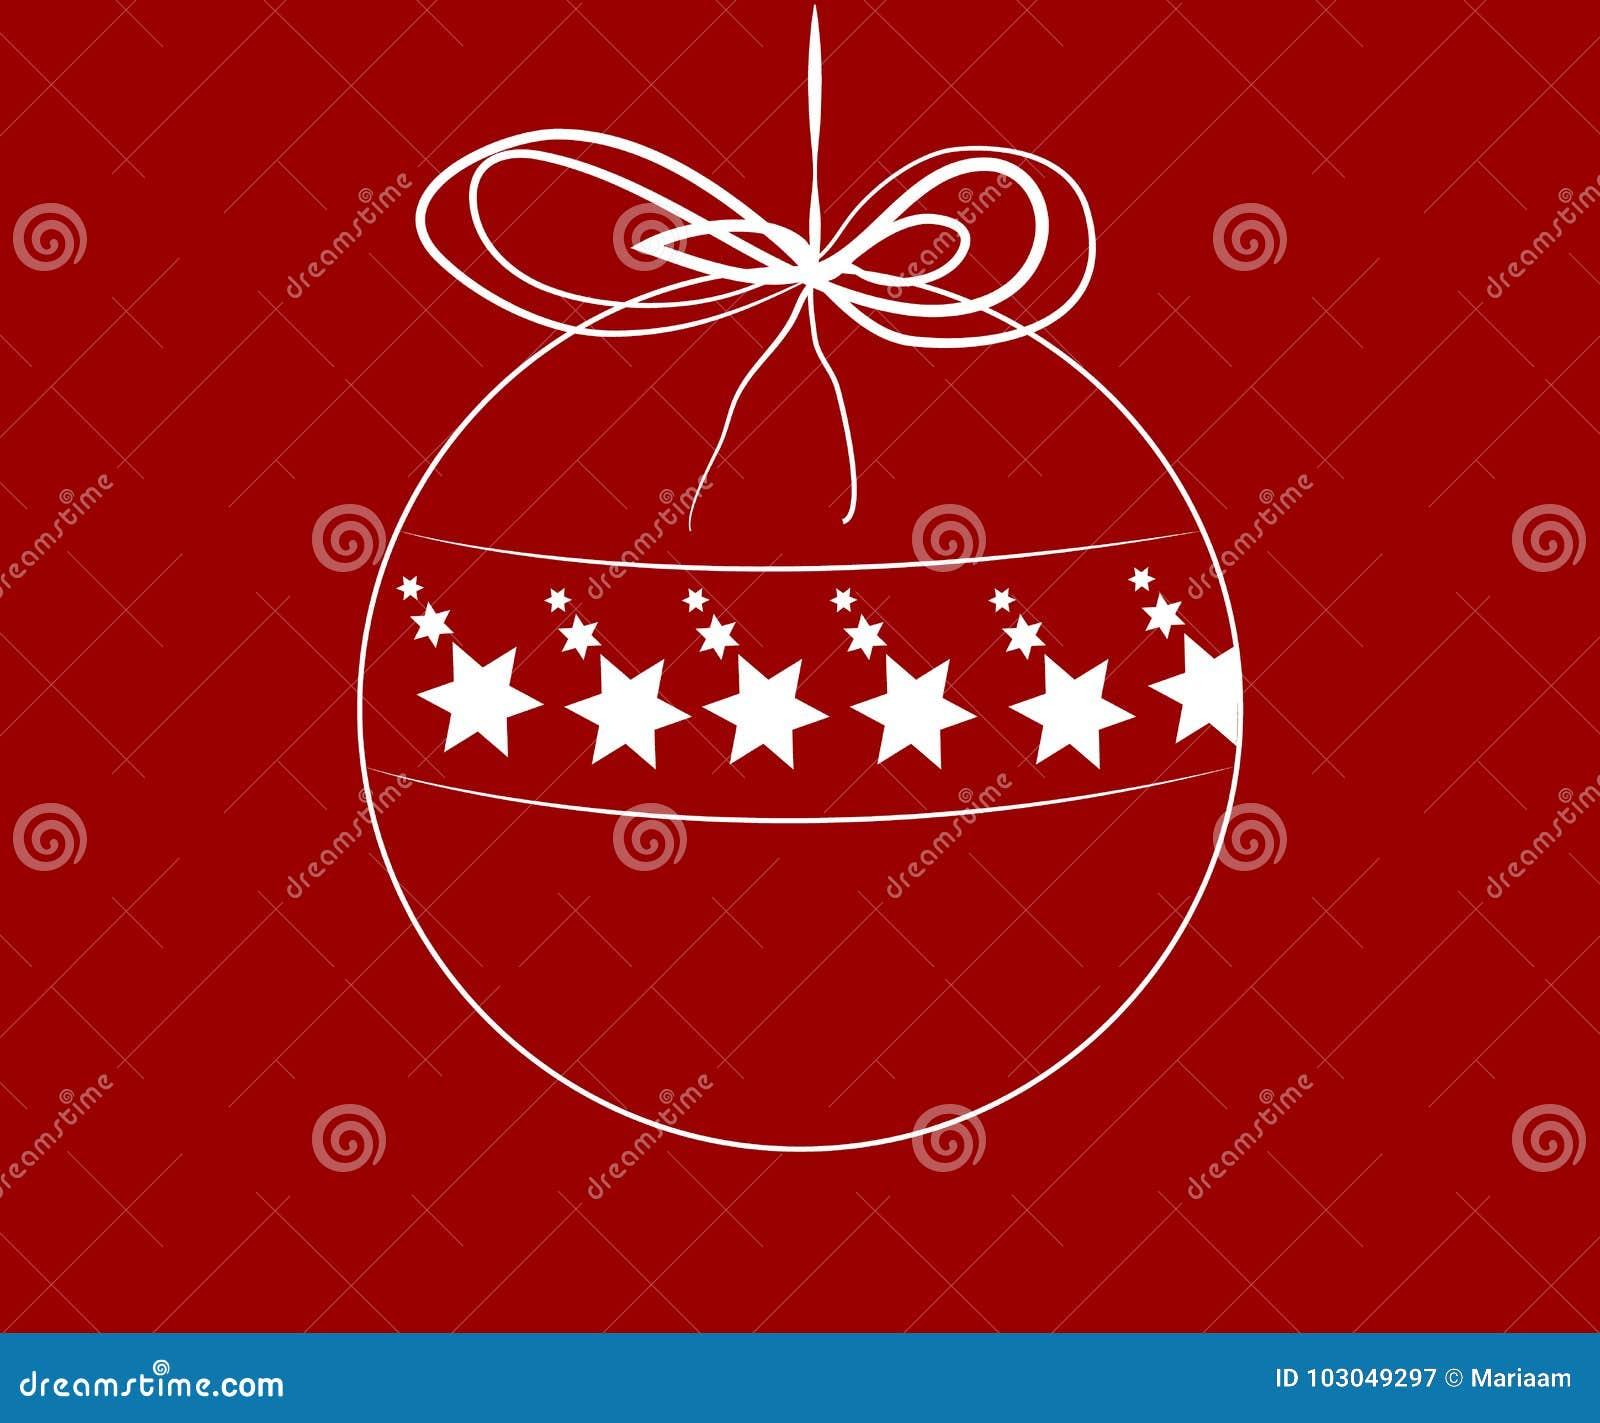 Weihnachtsball mit Sternen nach innen